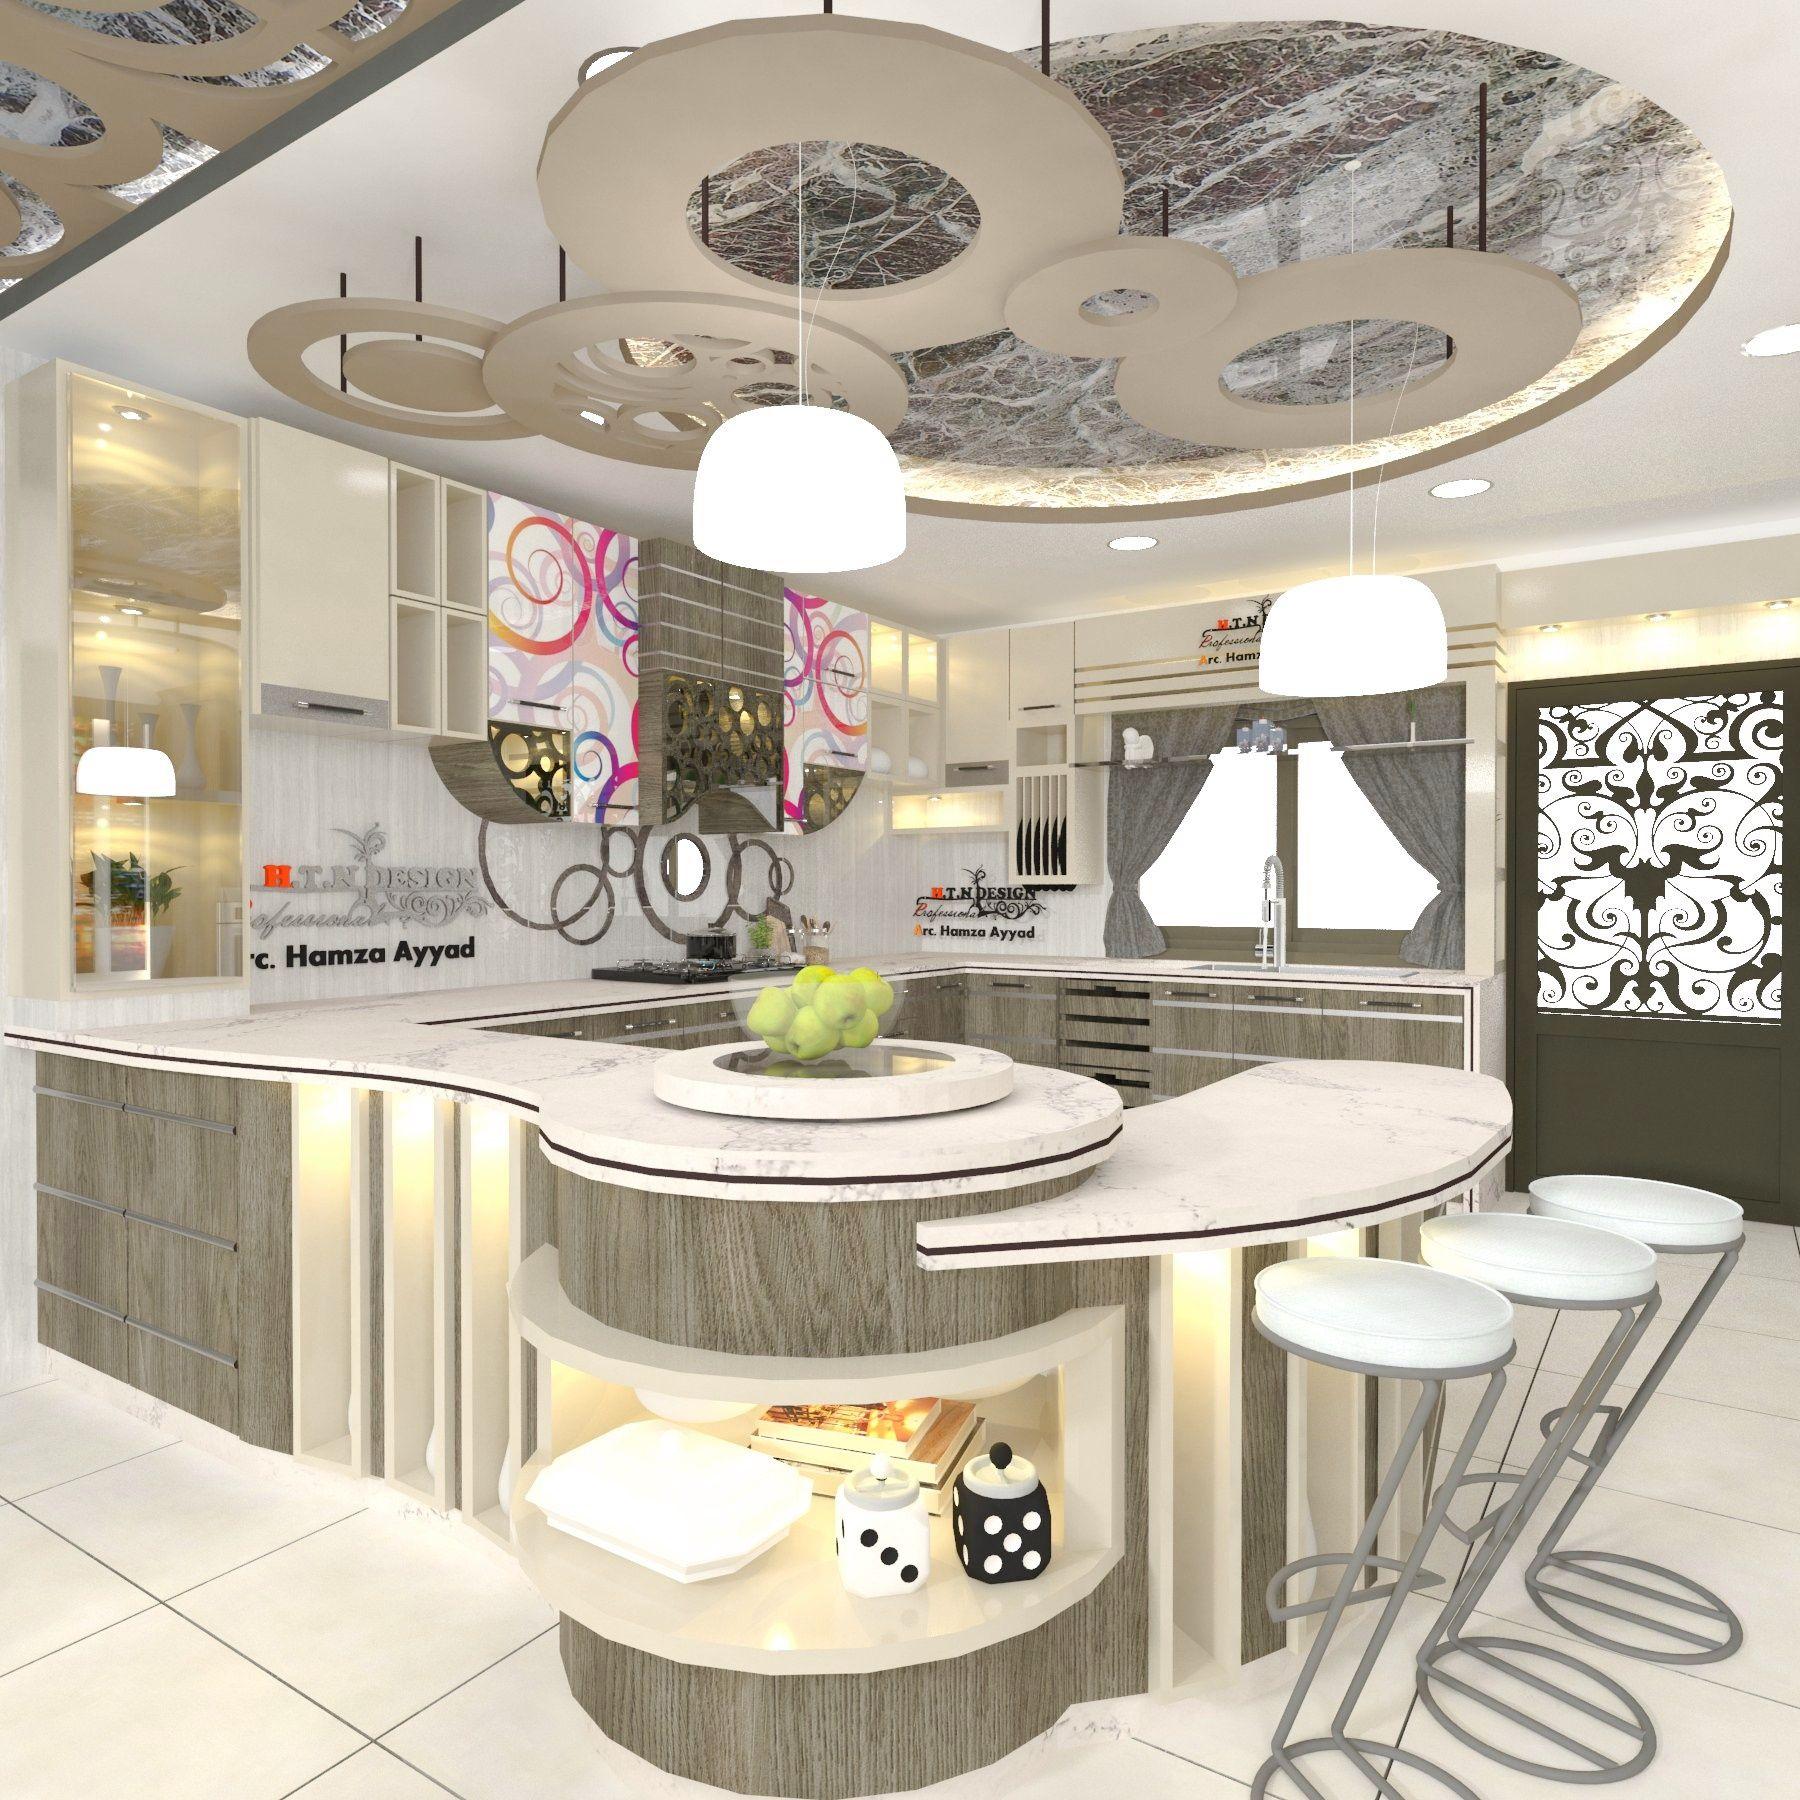 Kitchen Design Counter Top Design Kitchen Ceiling Kitchen Idea Kitchen Counter Top Idea مطابخ تصميم مطابخ كاونت Kitchen Countertops Kitchen Design Kitchen